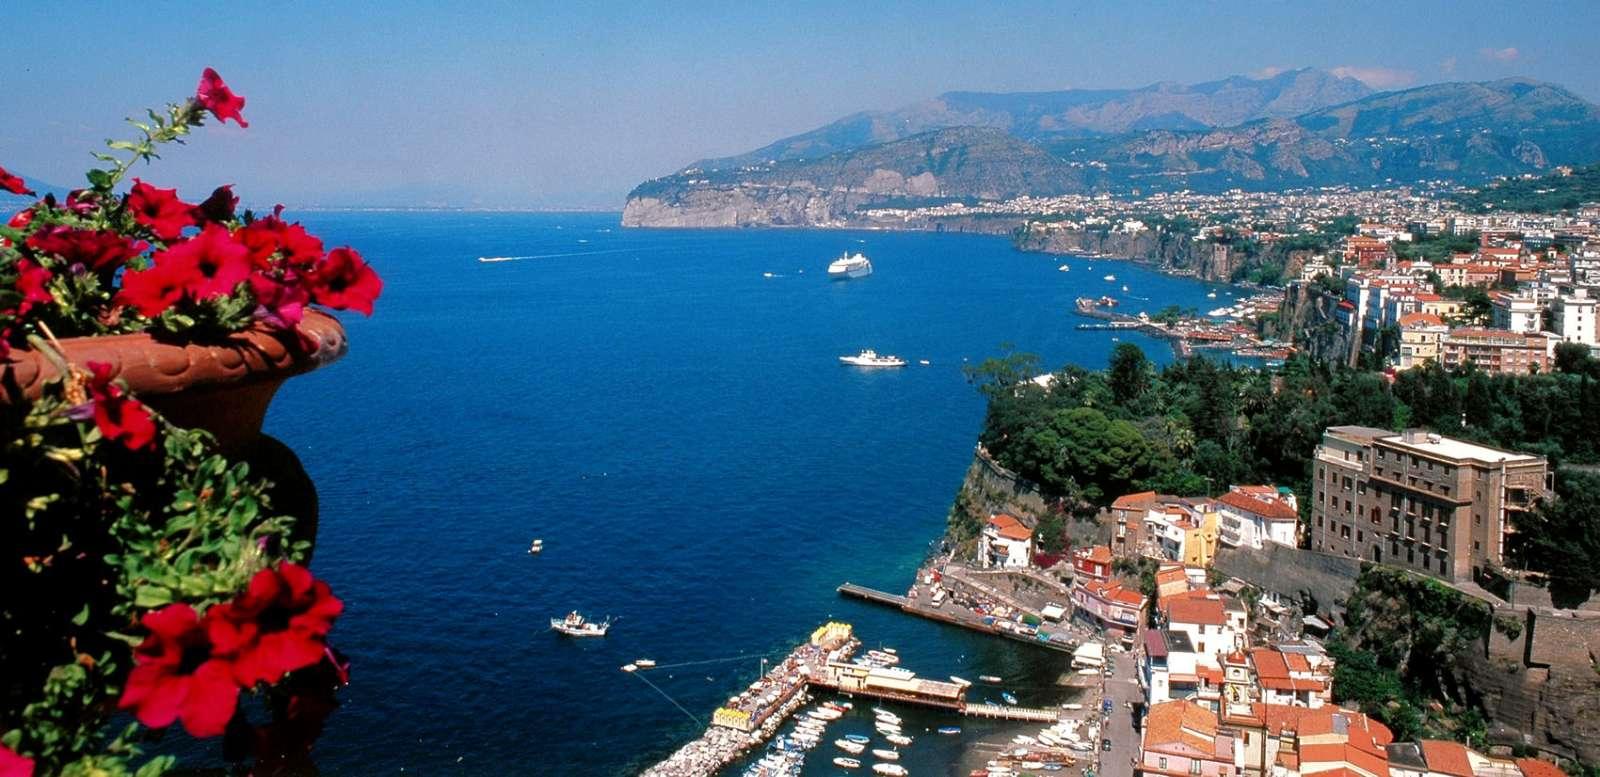 Vacker utsikt över hamnen i Sorrento